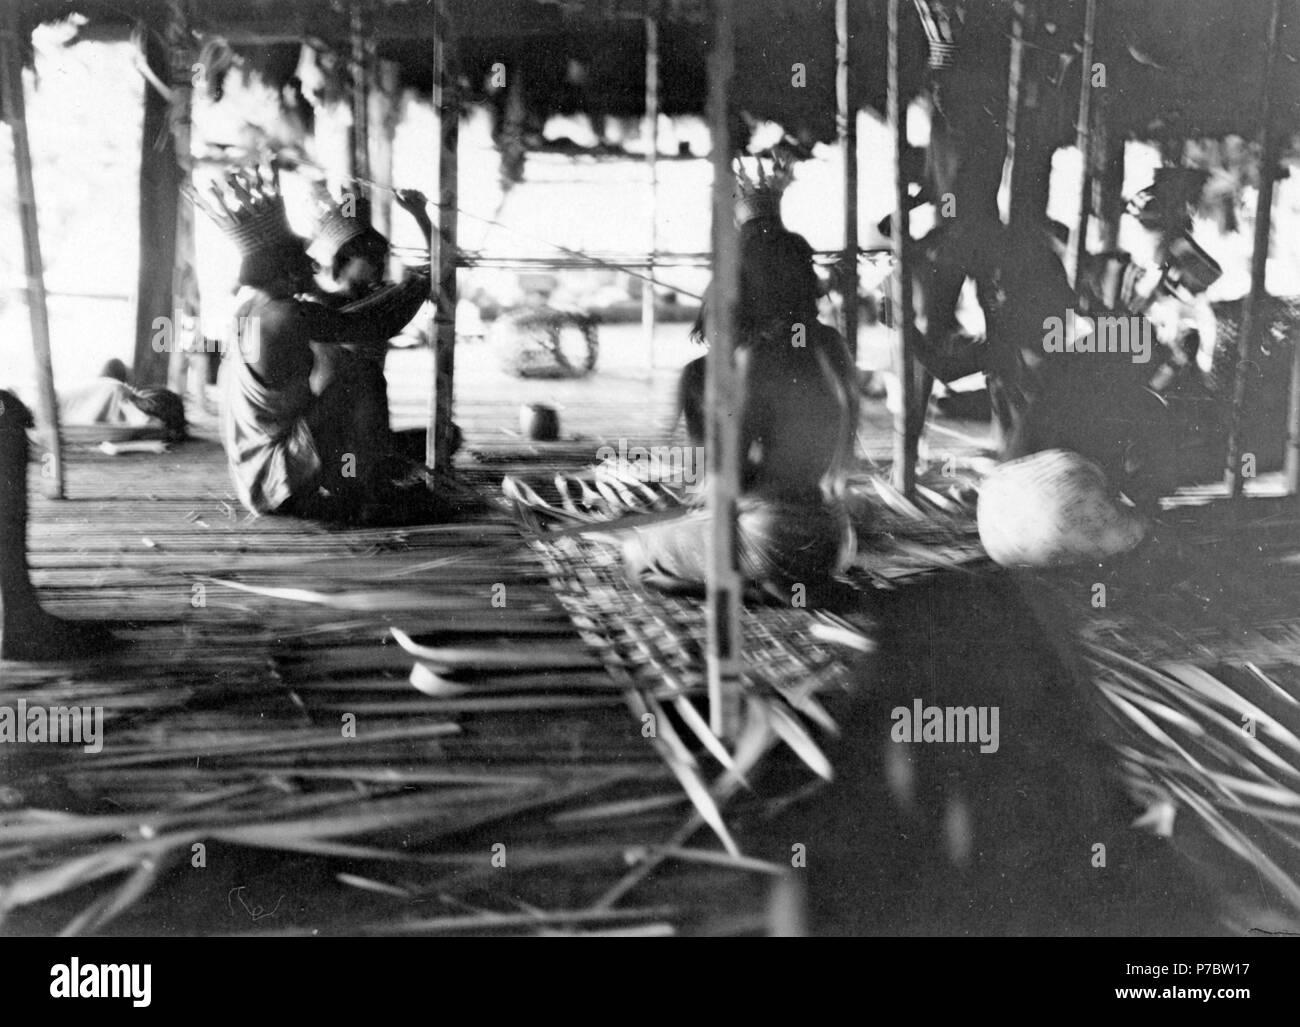 143 Intriör i medicinmannens Selimos hydda under besvärjelsefest. Sambú River, Darién. Panama - SMVK - 004126 - Stock Image